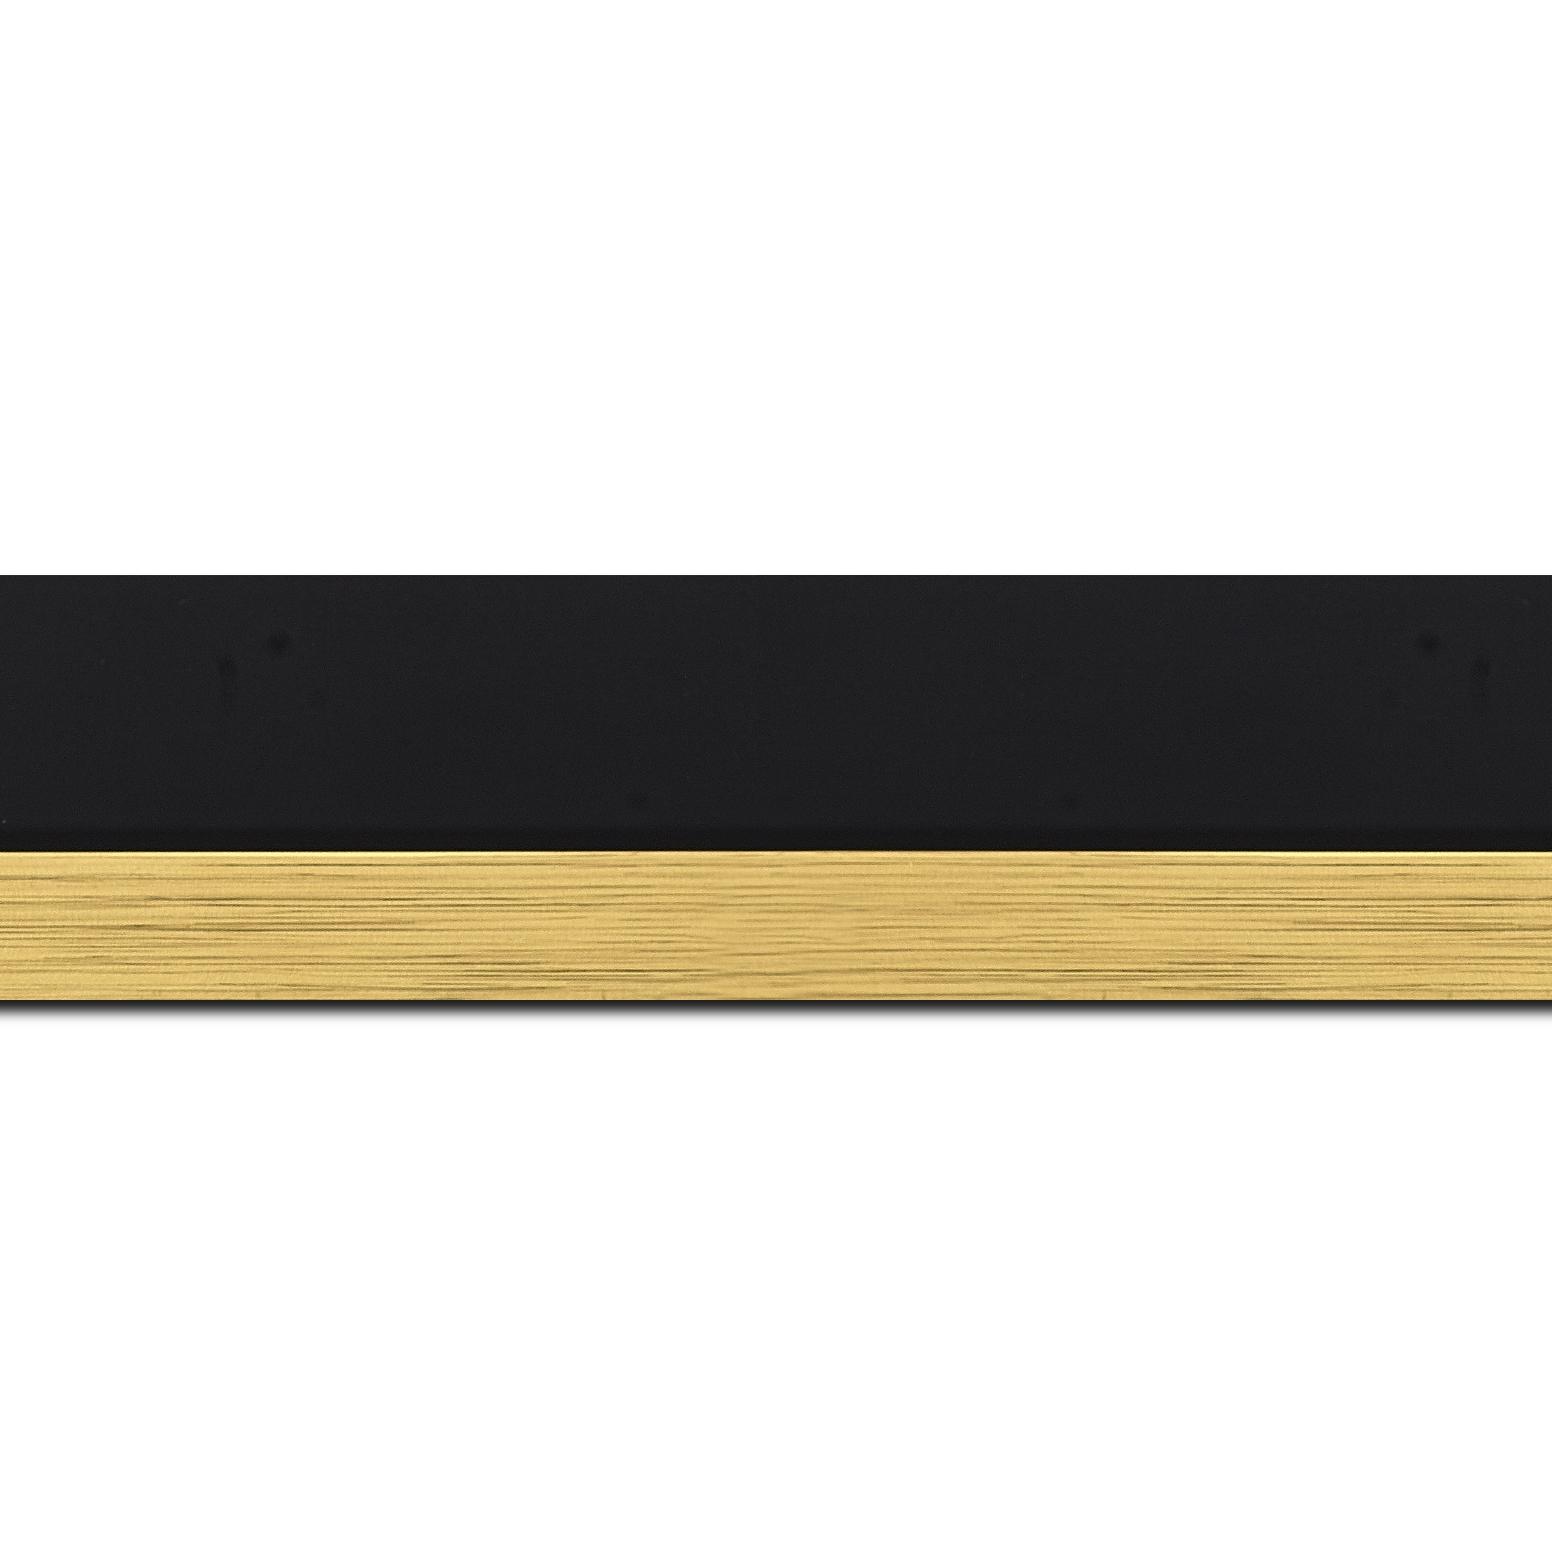 Baguette longueur 1.40m bois profil plat largeur 4.5cm couleur noir mat nez or finition pore bouché